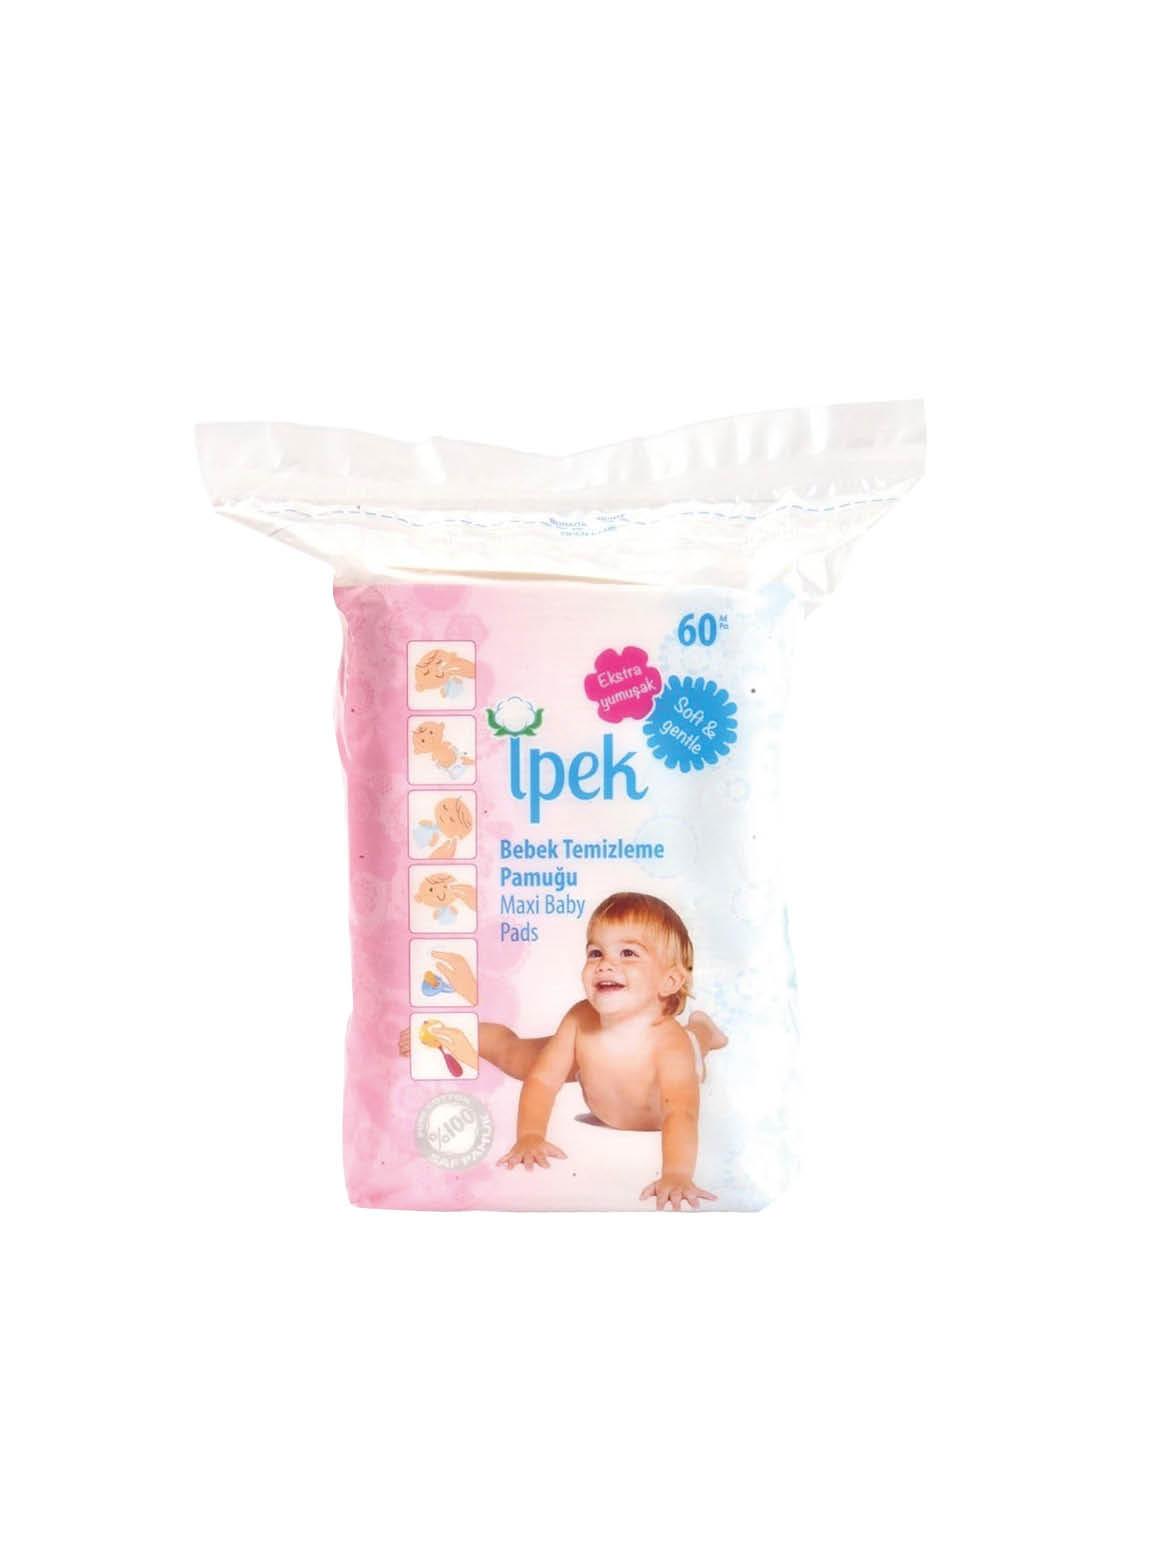 813NW İpek Bebek Temizleme Pamuğu Maxi Baby 60'Lı